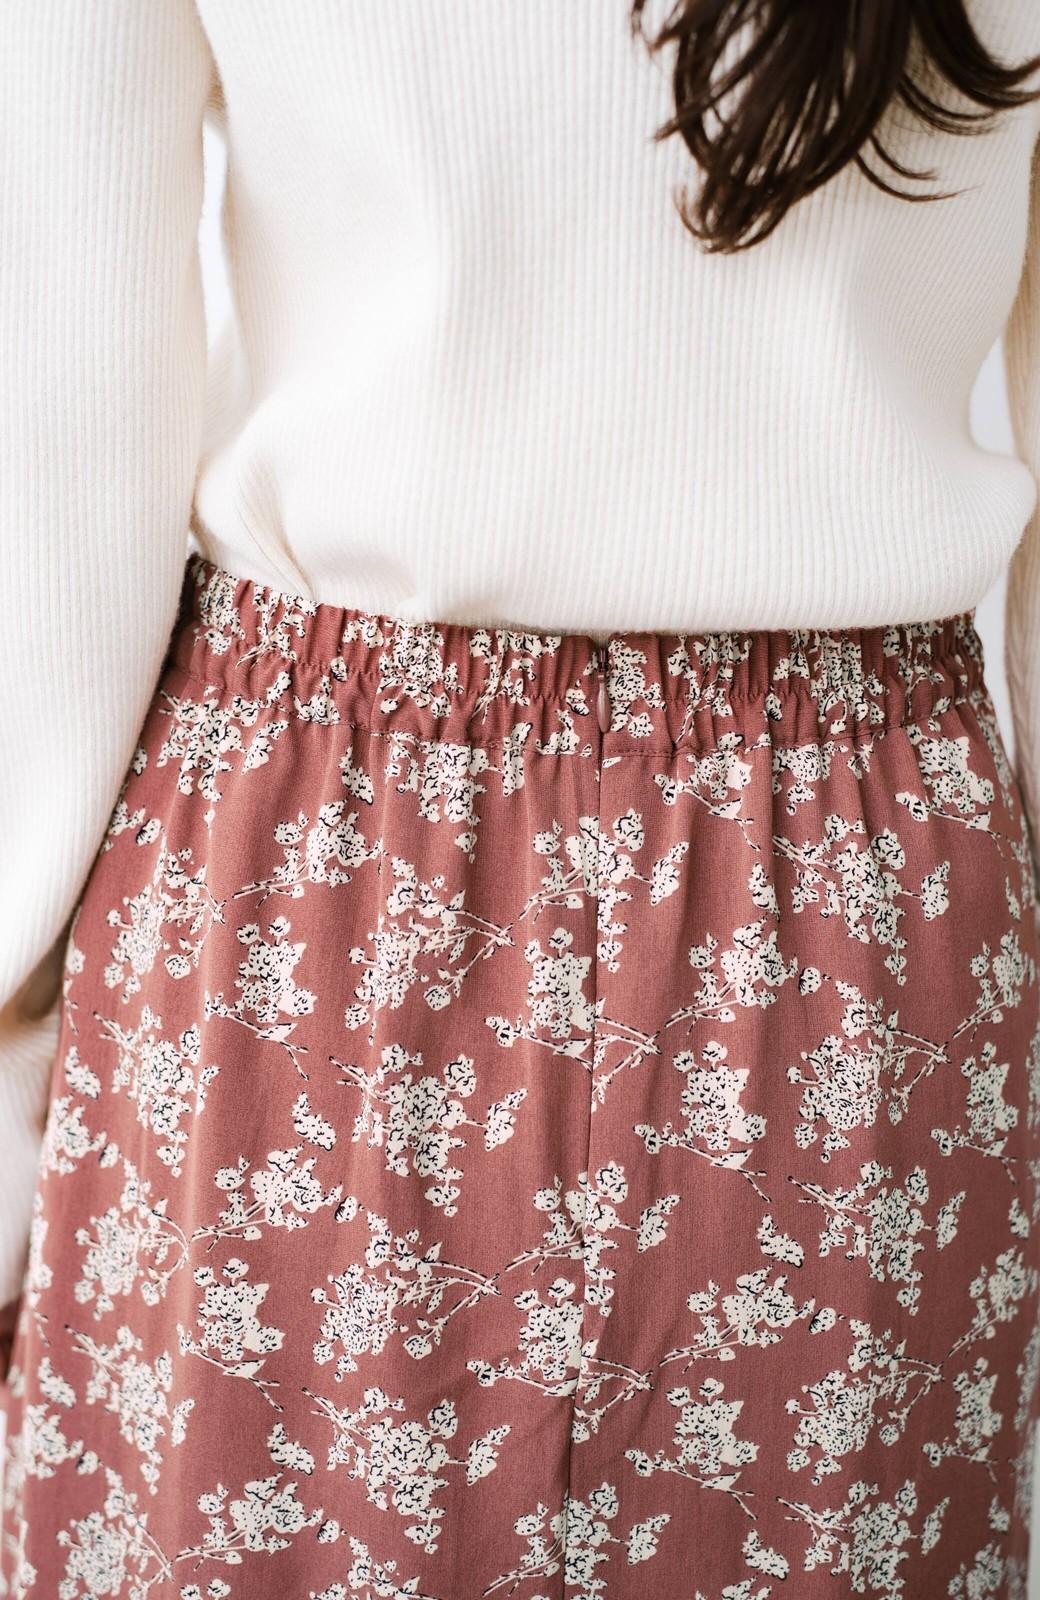 haco! シンプルトップスを合わせるだけで印象アップ間違いなしの花柄ロングフレアースカート <ピンク>の商品写真8